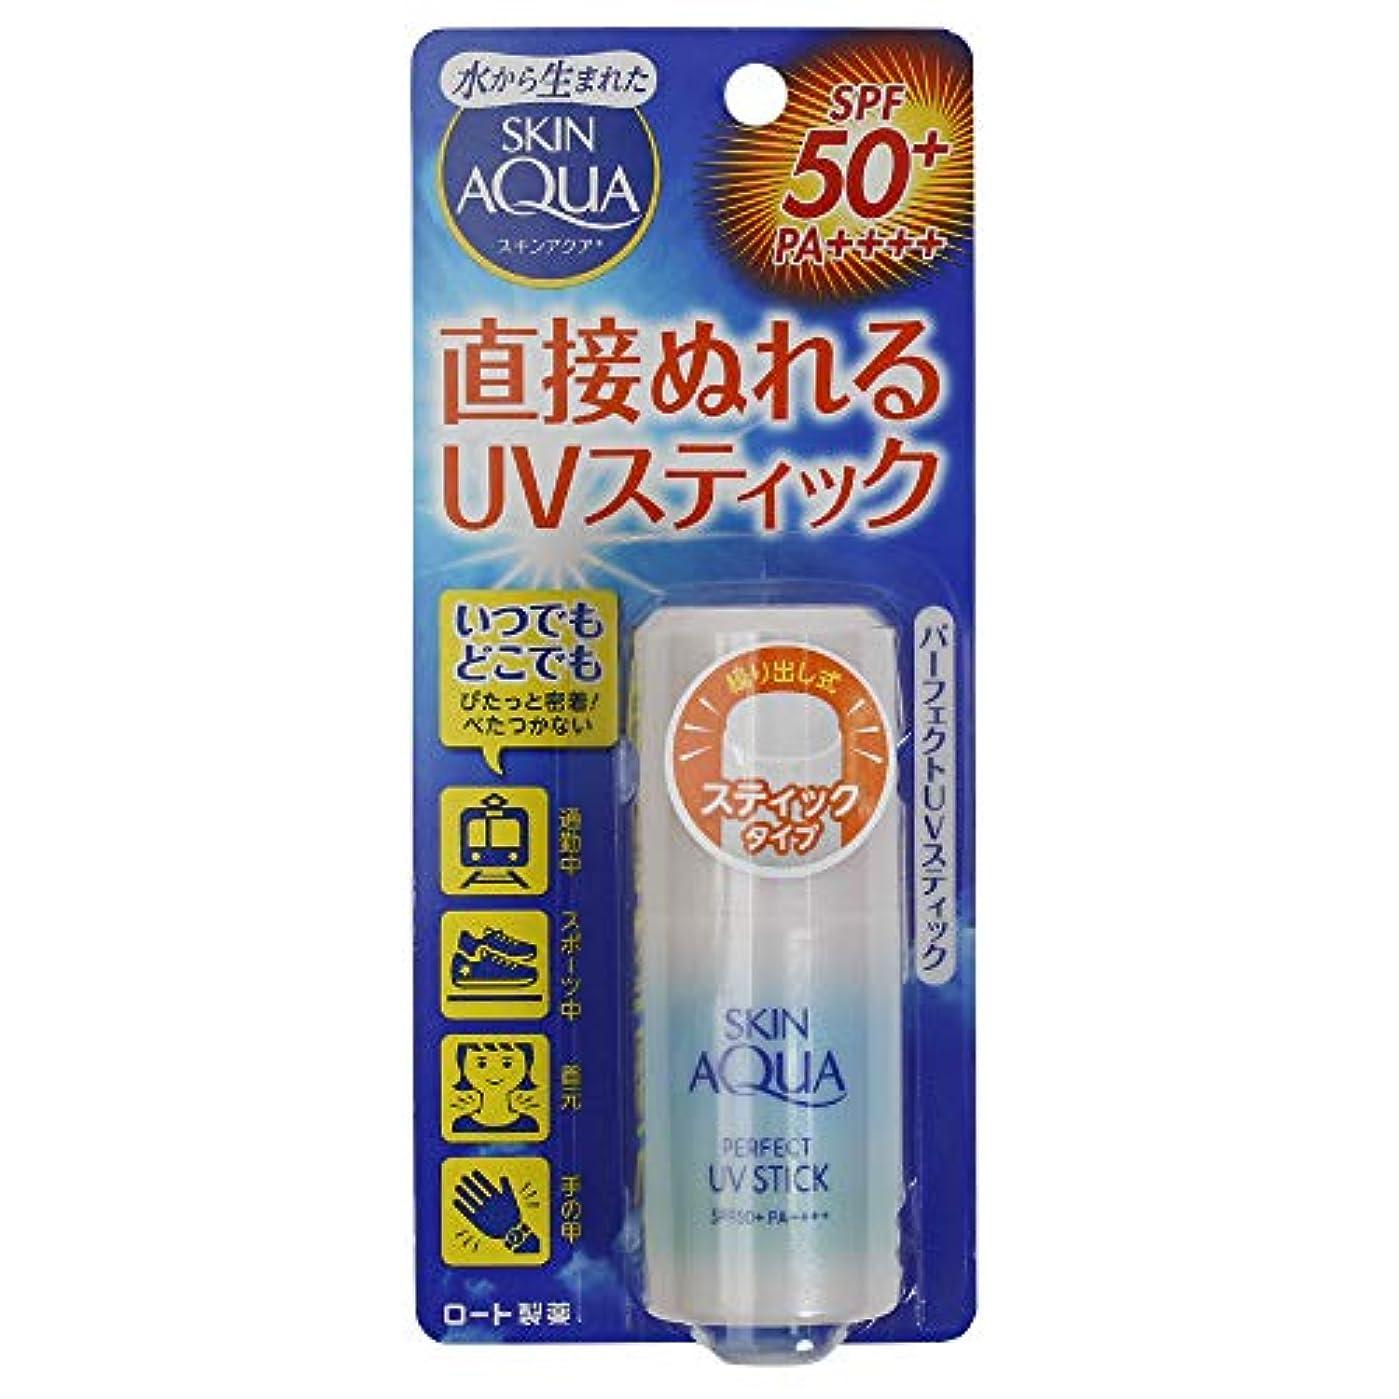 没頭するクスコ収益(ロート製薬)スキンアクア パーフェクトUVスティック 10g(お買い得3個セット)